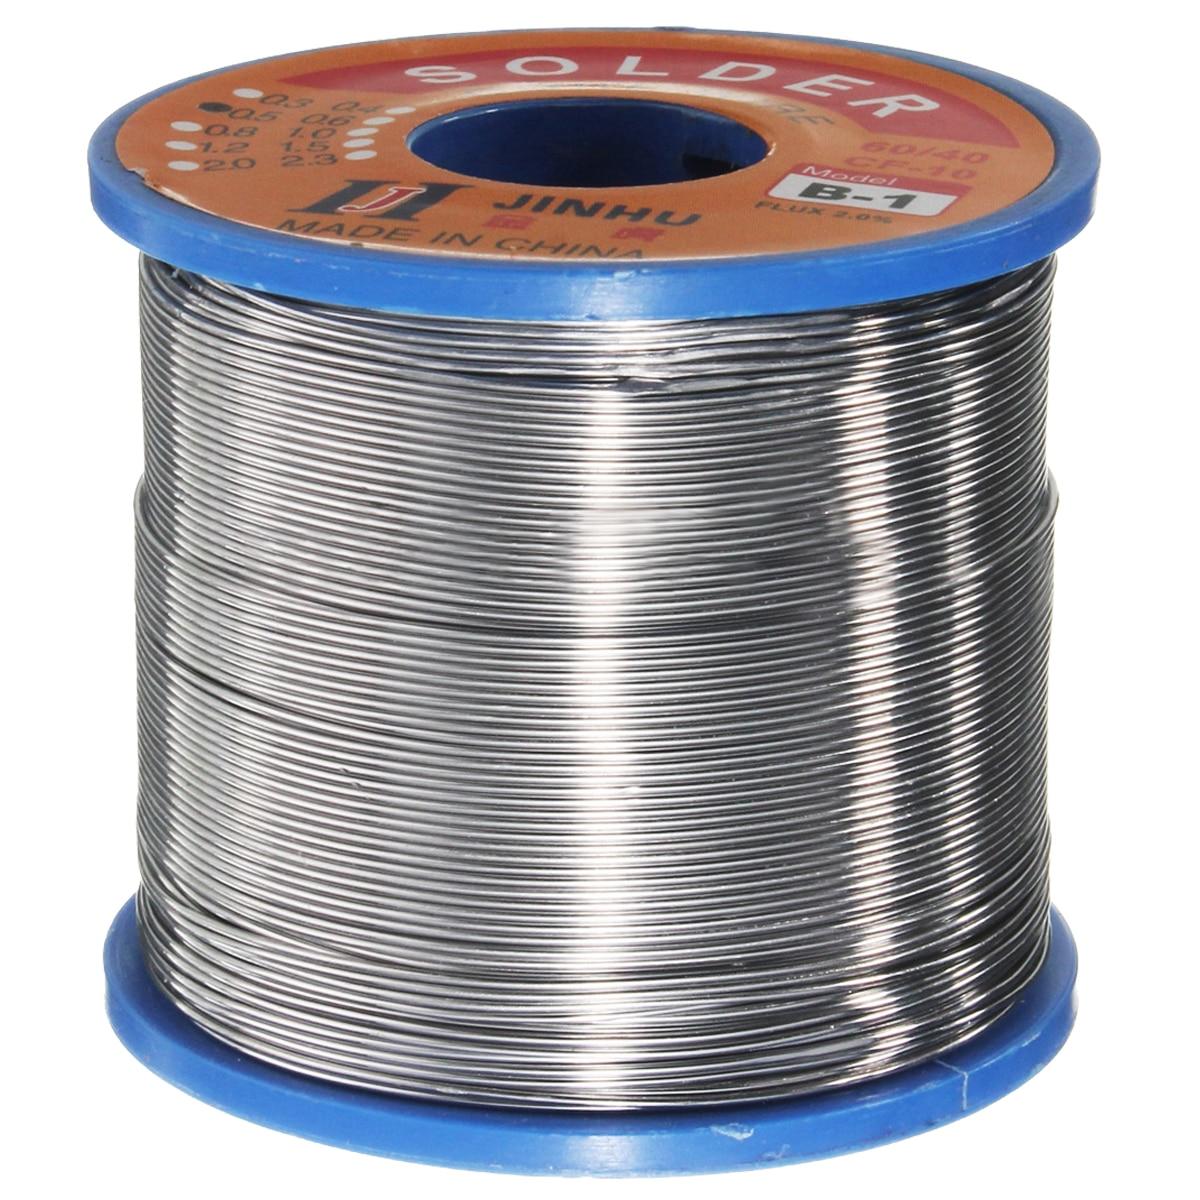 400g 60/40 de estaño soldadura de plomo de flujo de colofonia Core soldadura rollo de 0,6-1,2mm